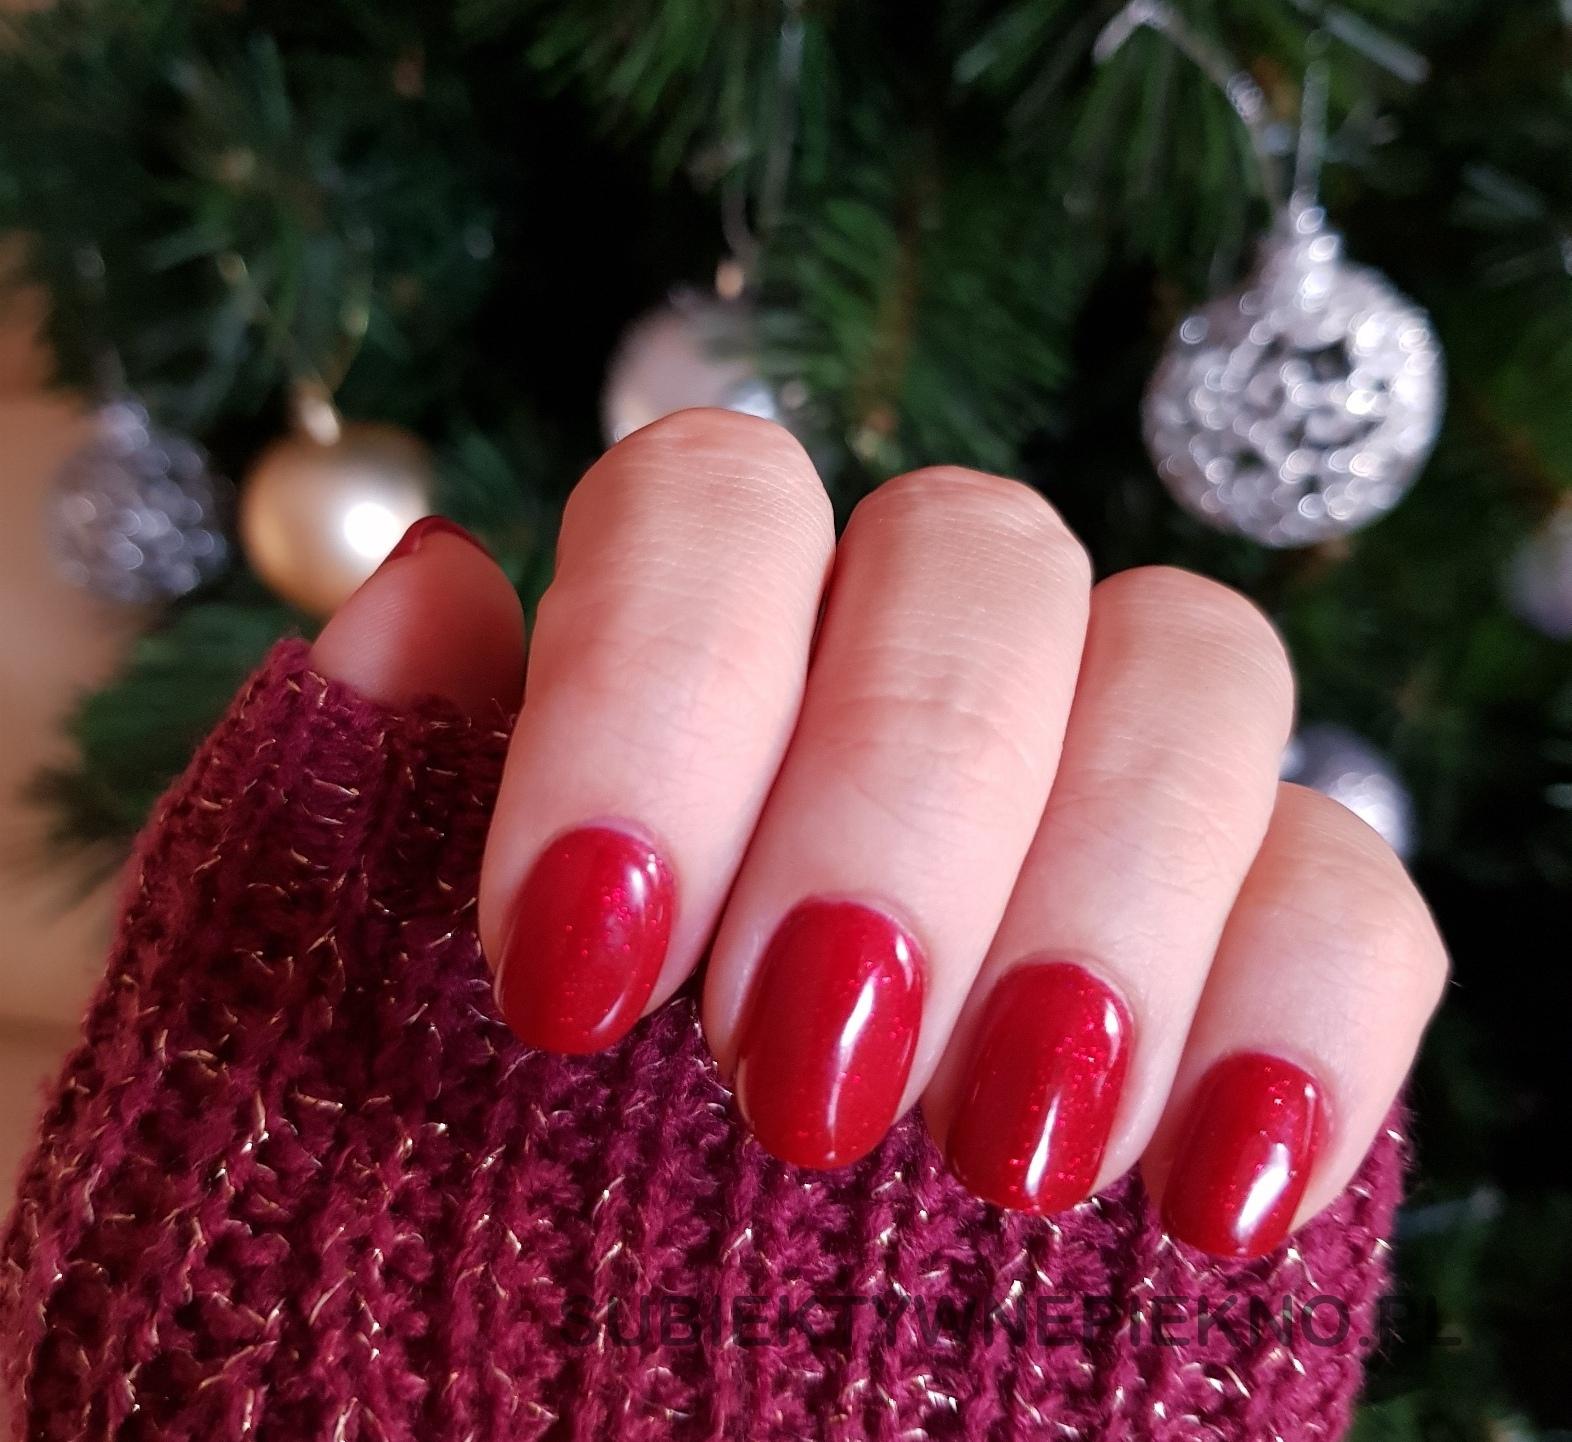 Lakier hybrydowy Indigo Nails Catwalk Glitter - piękna czerwień z drobinkami na święta i sylwestra